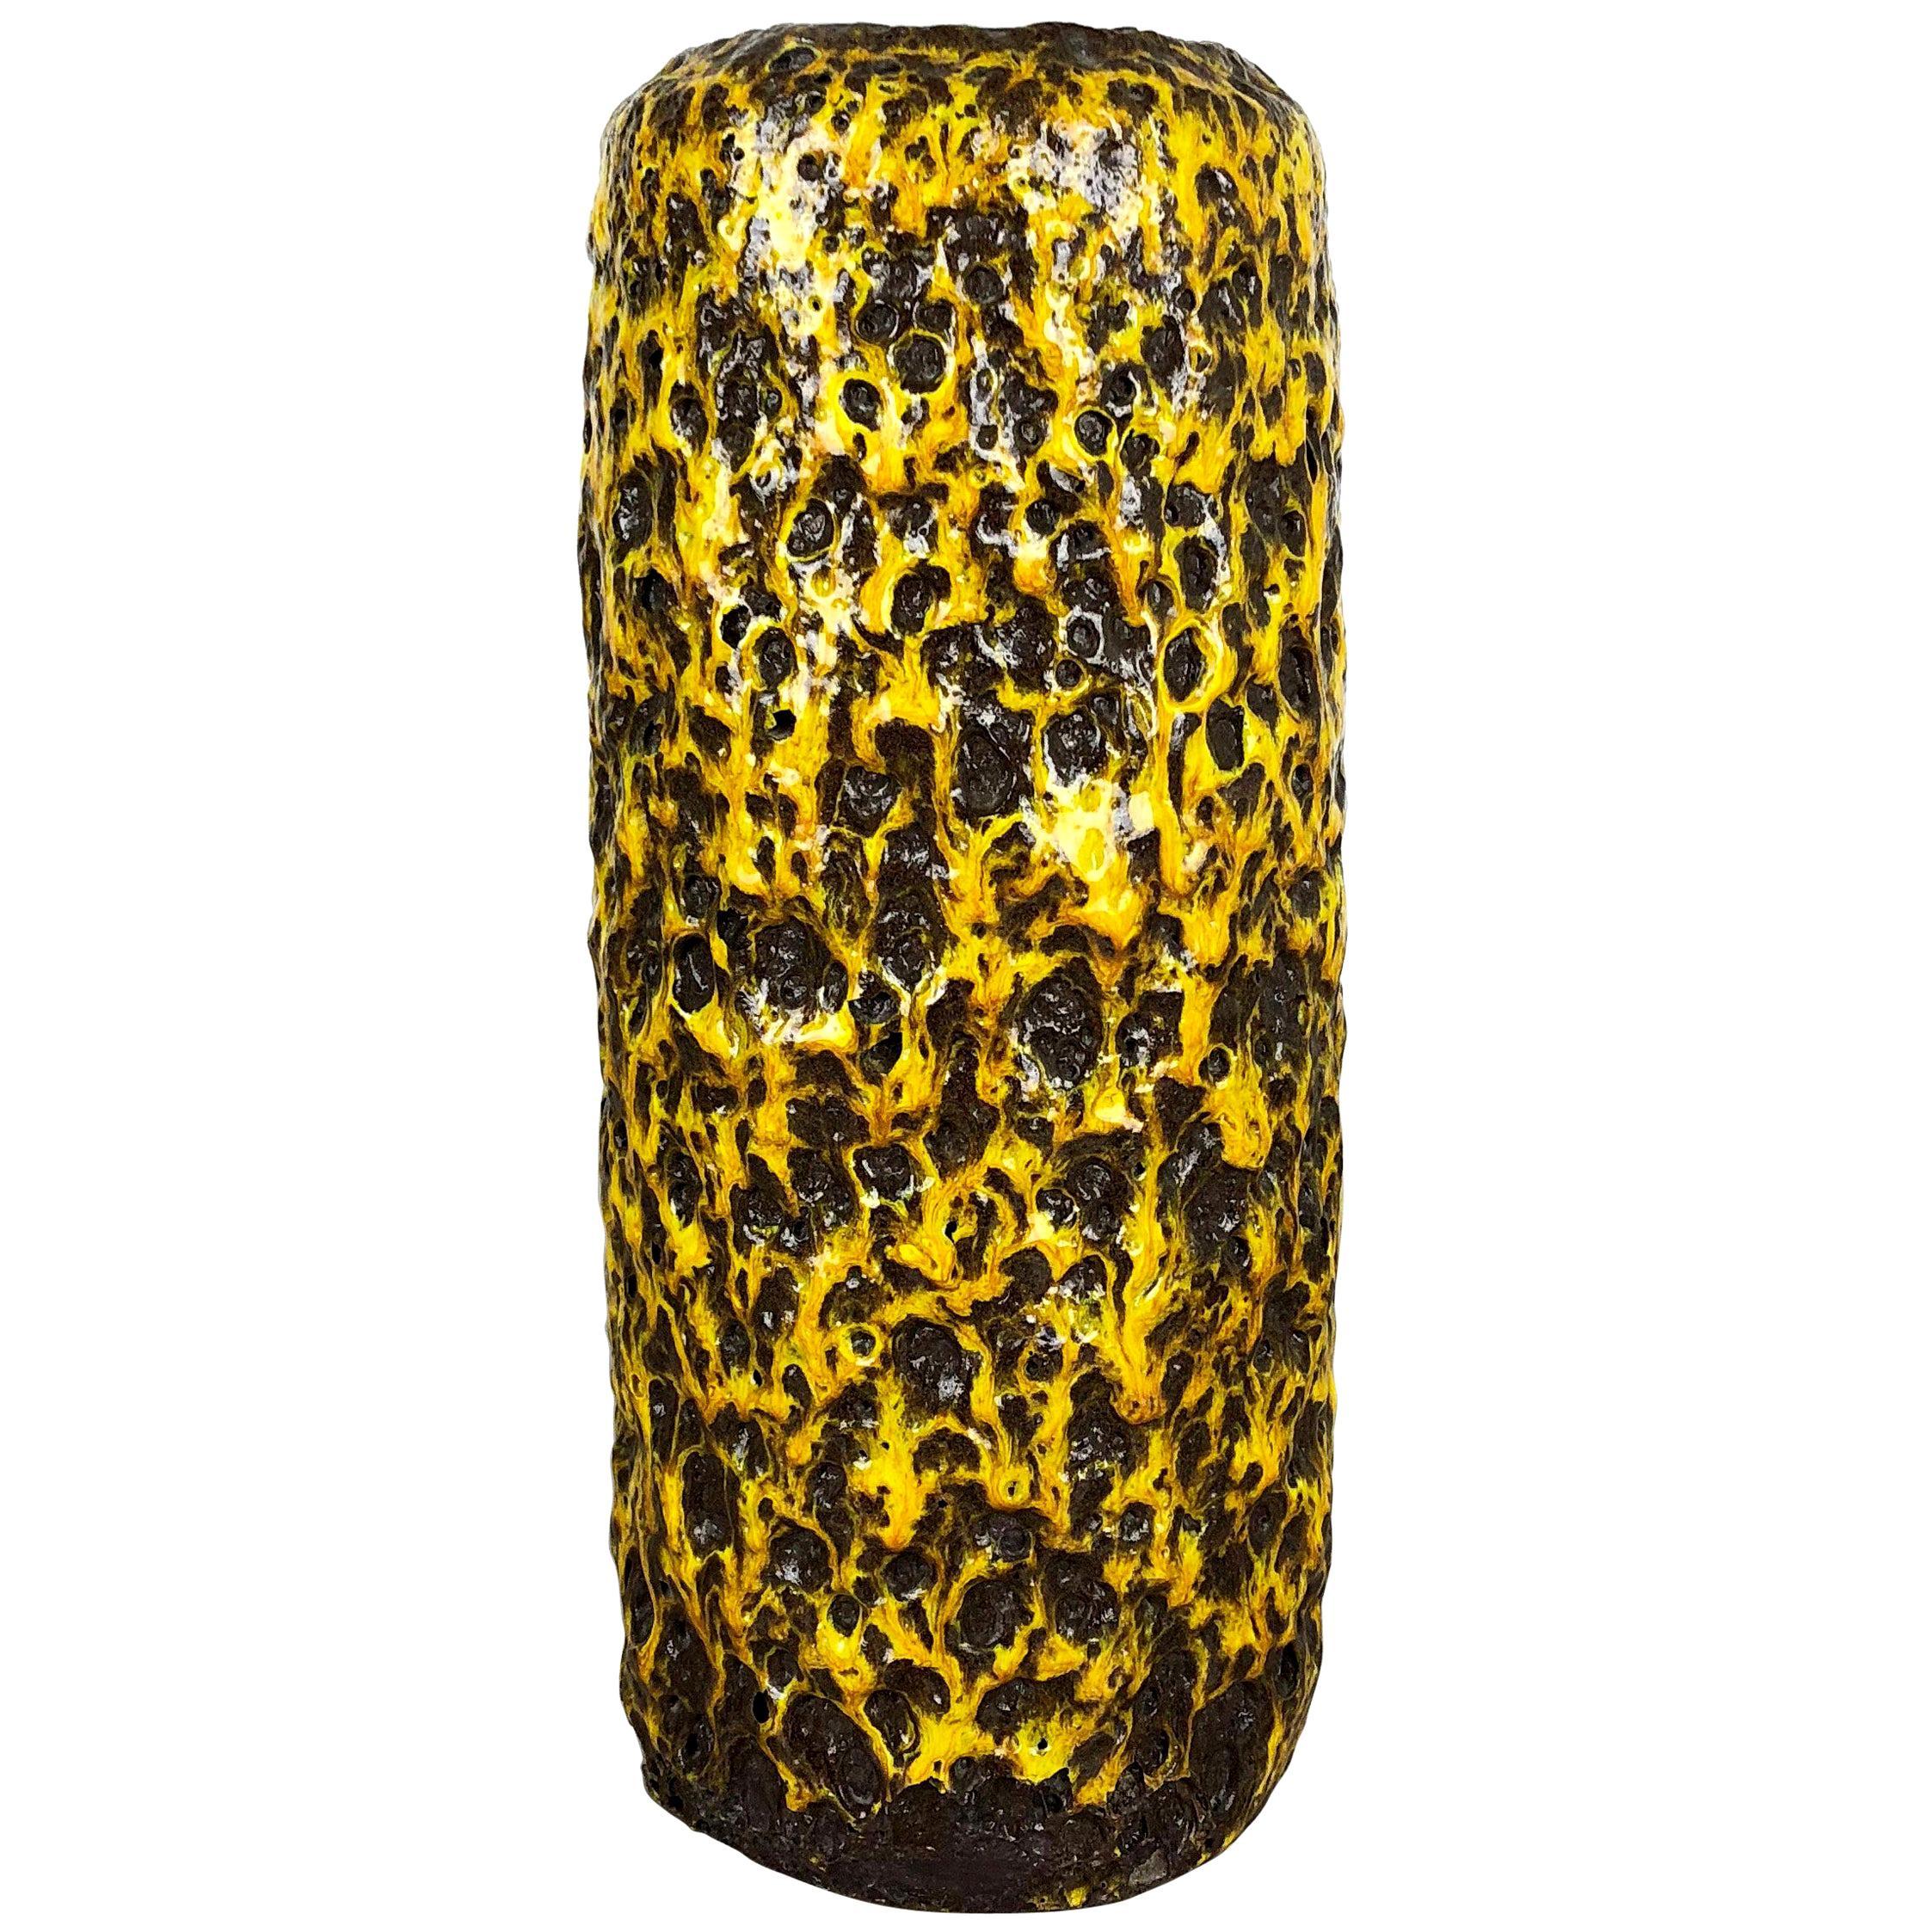 Pottery Super Yellow Color Fat Lava Multi-Color Vase Scheurich WGP, 1970s